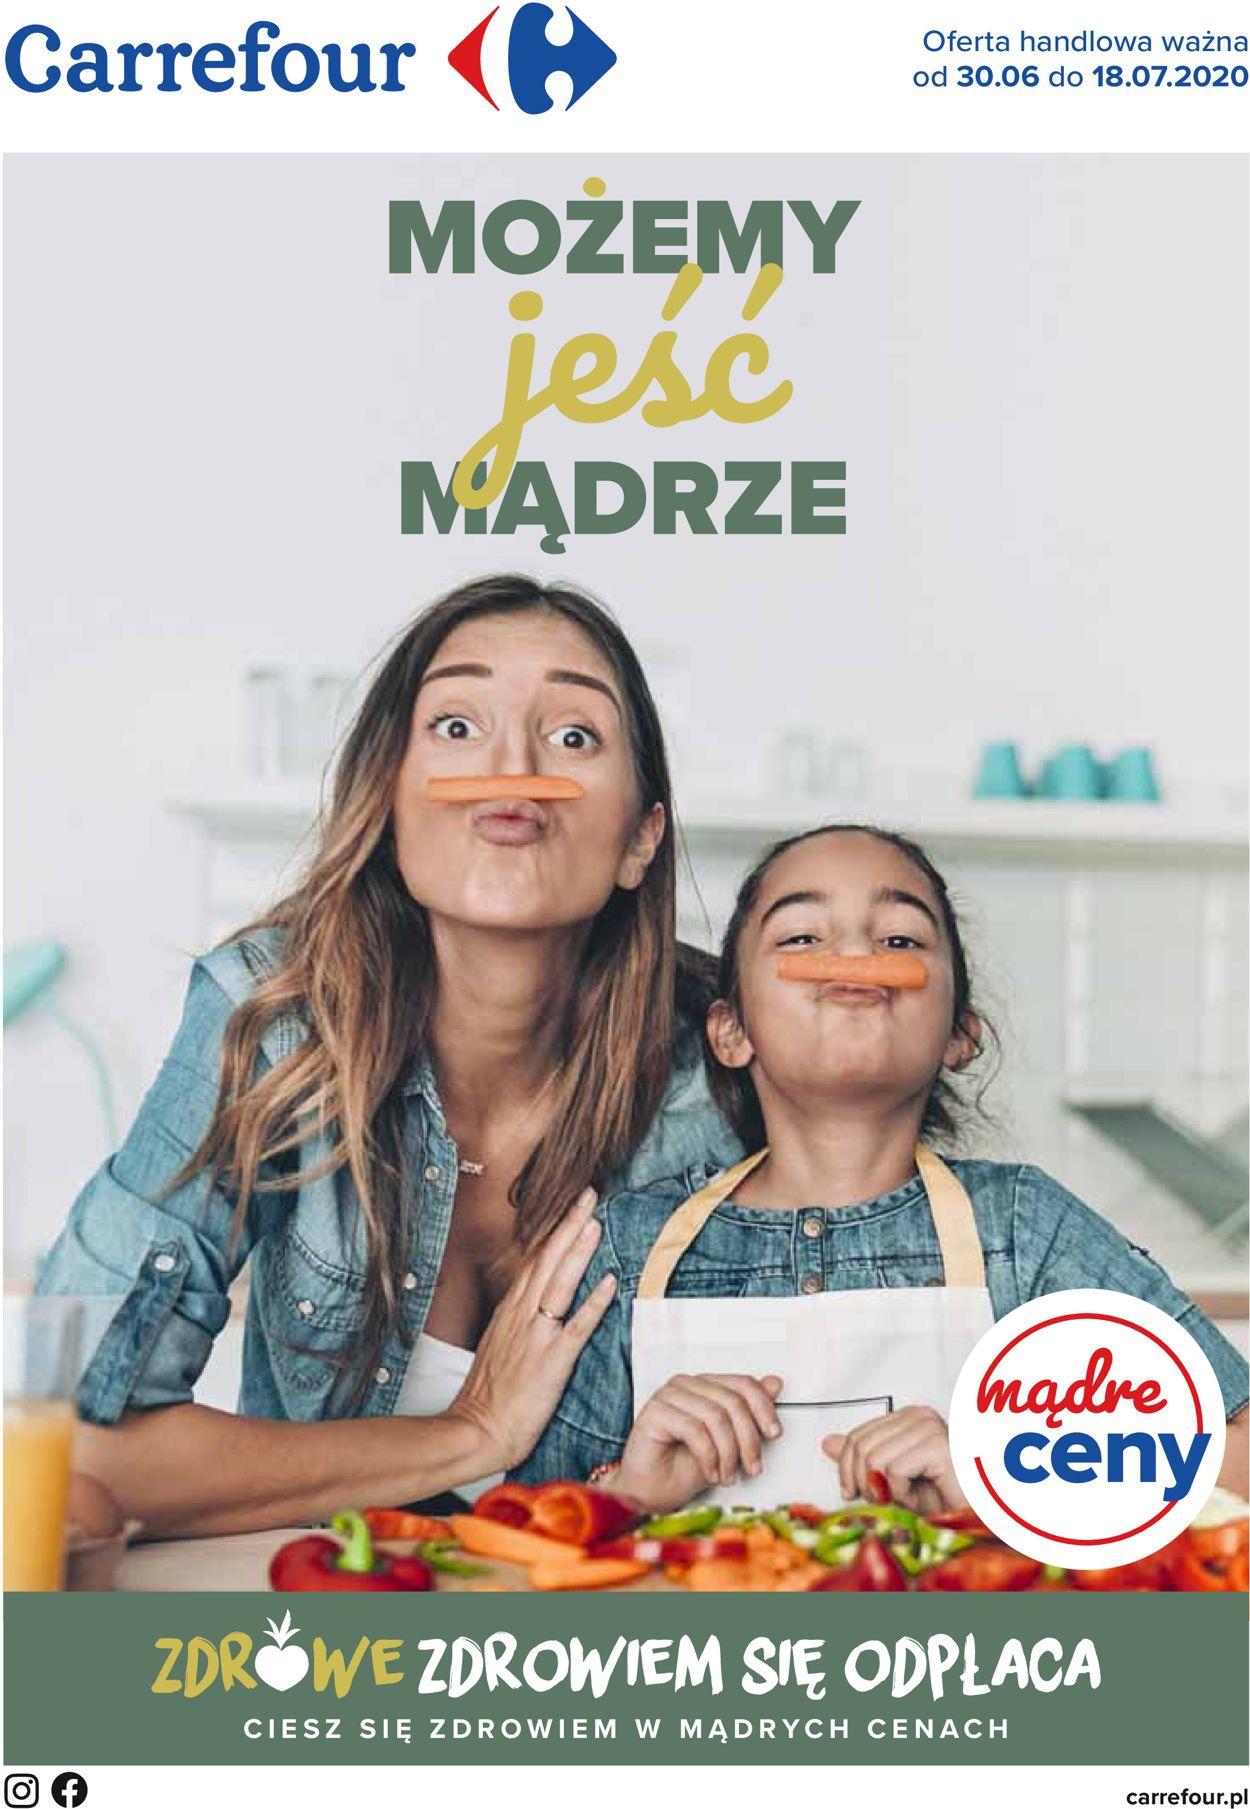 Gazetka promocyjna Carrefour - 30.06-18.07.2020